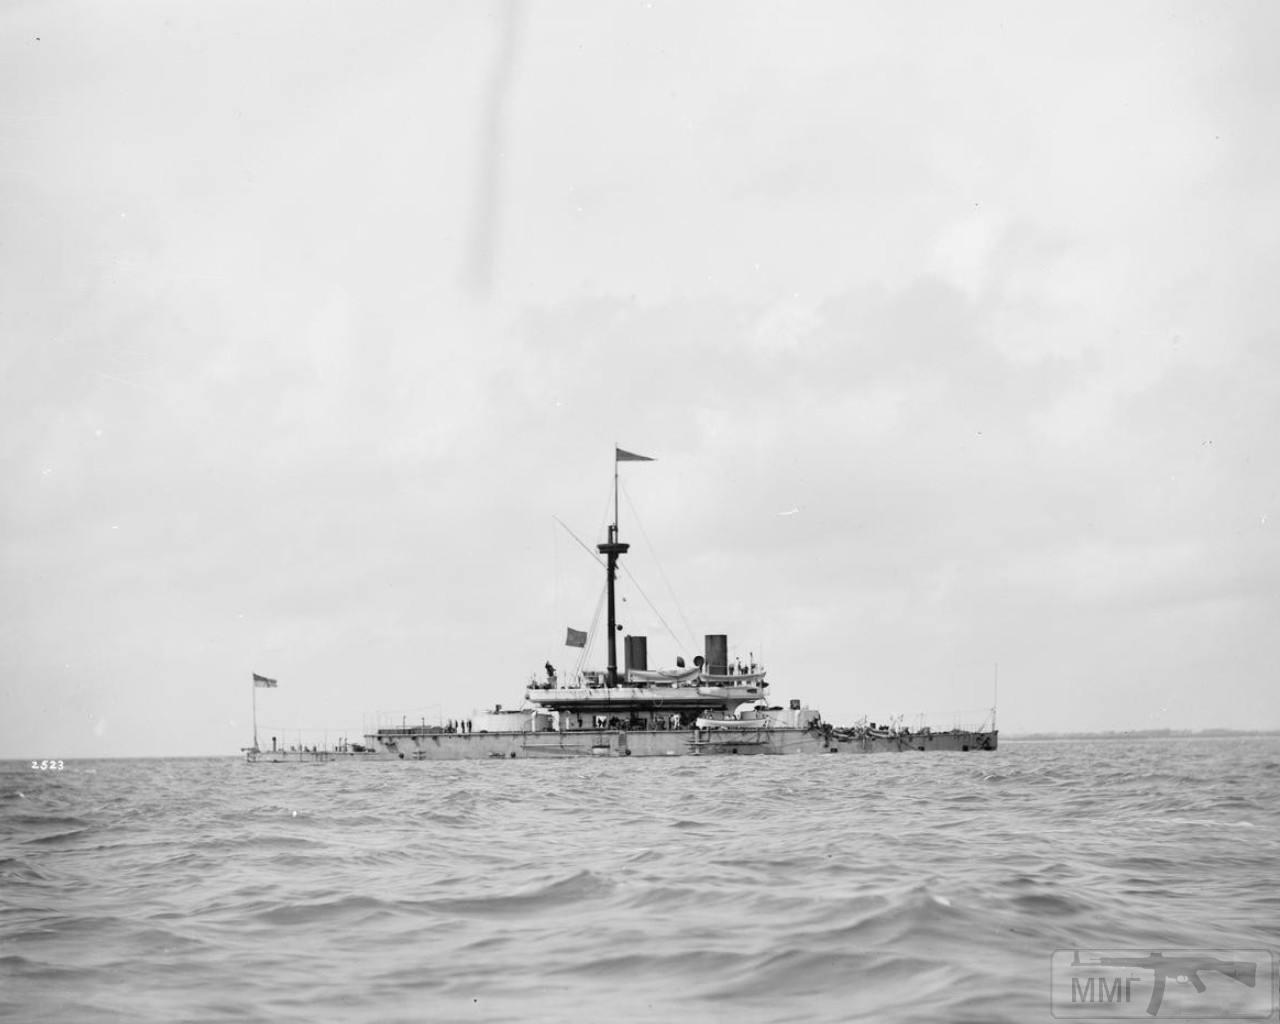 43986 - HMS Devastation